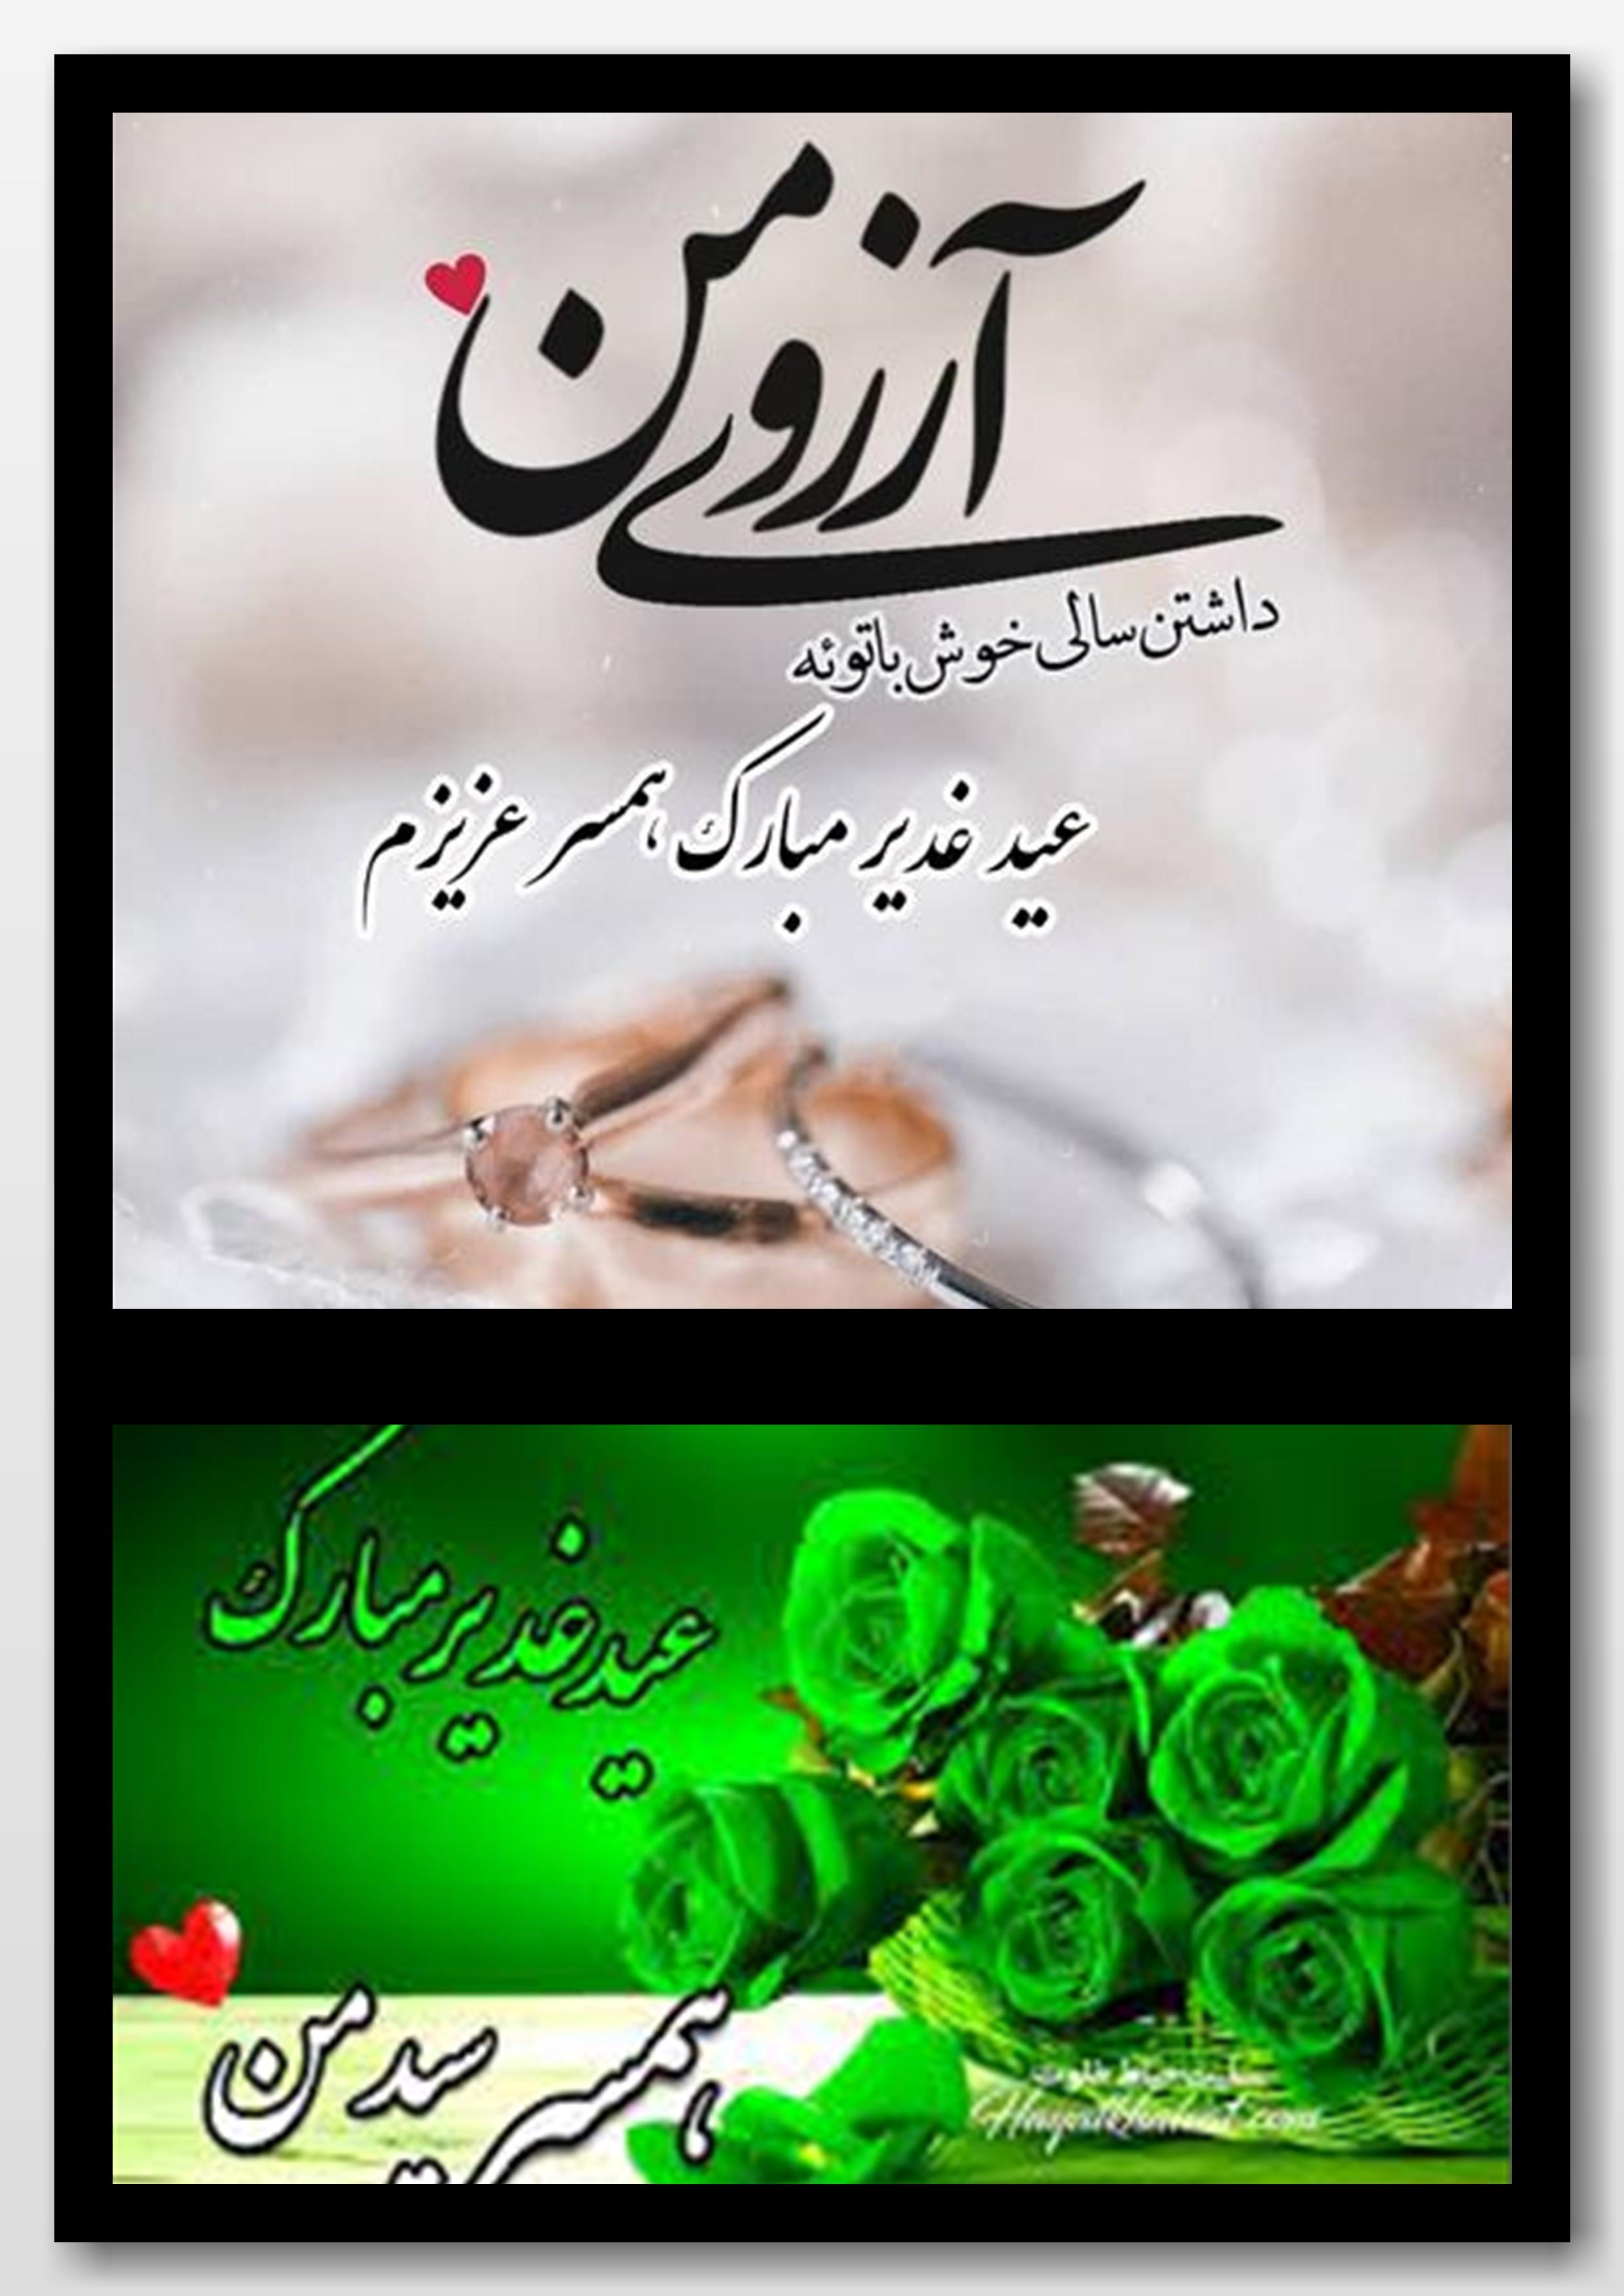 عکس نوشته تبریک عید غدیر به همسر سیدم